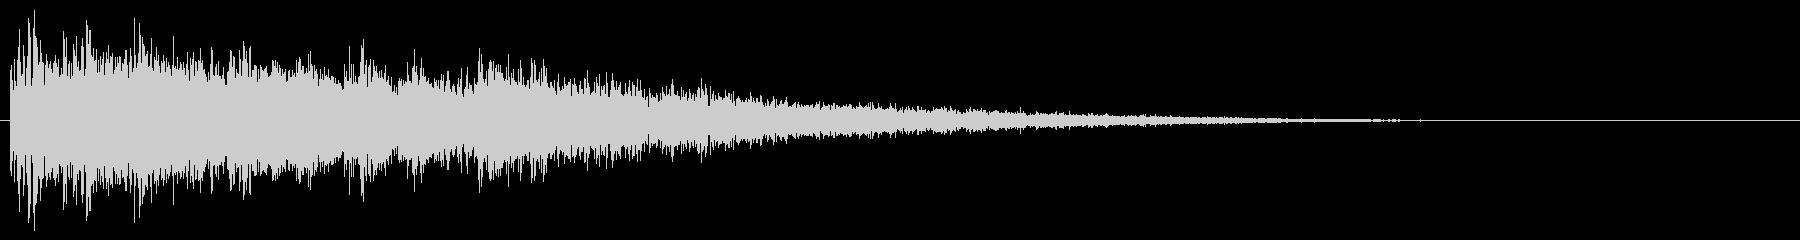 タイトルバック ホラー 14の未再生の波形